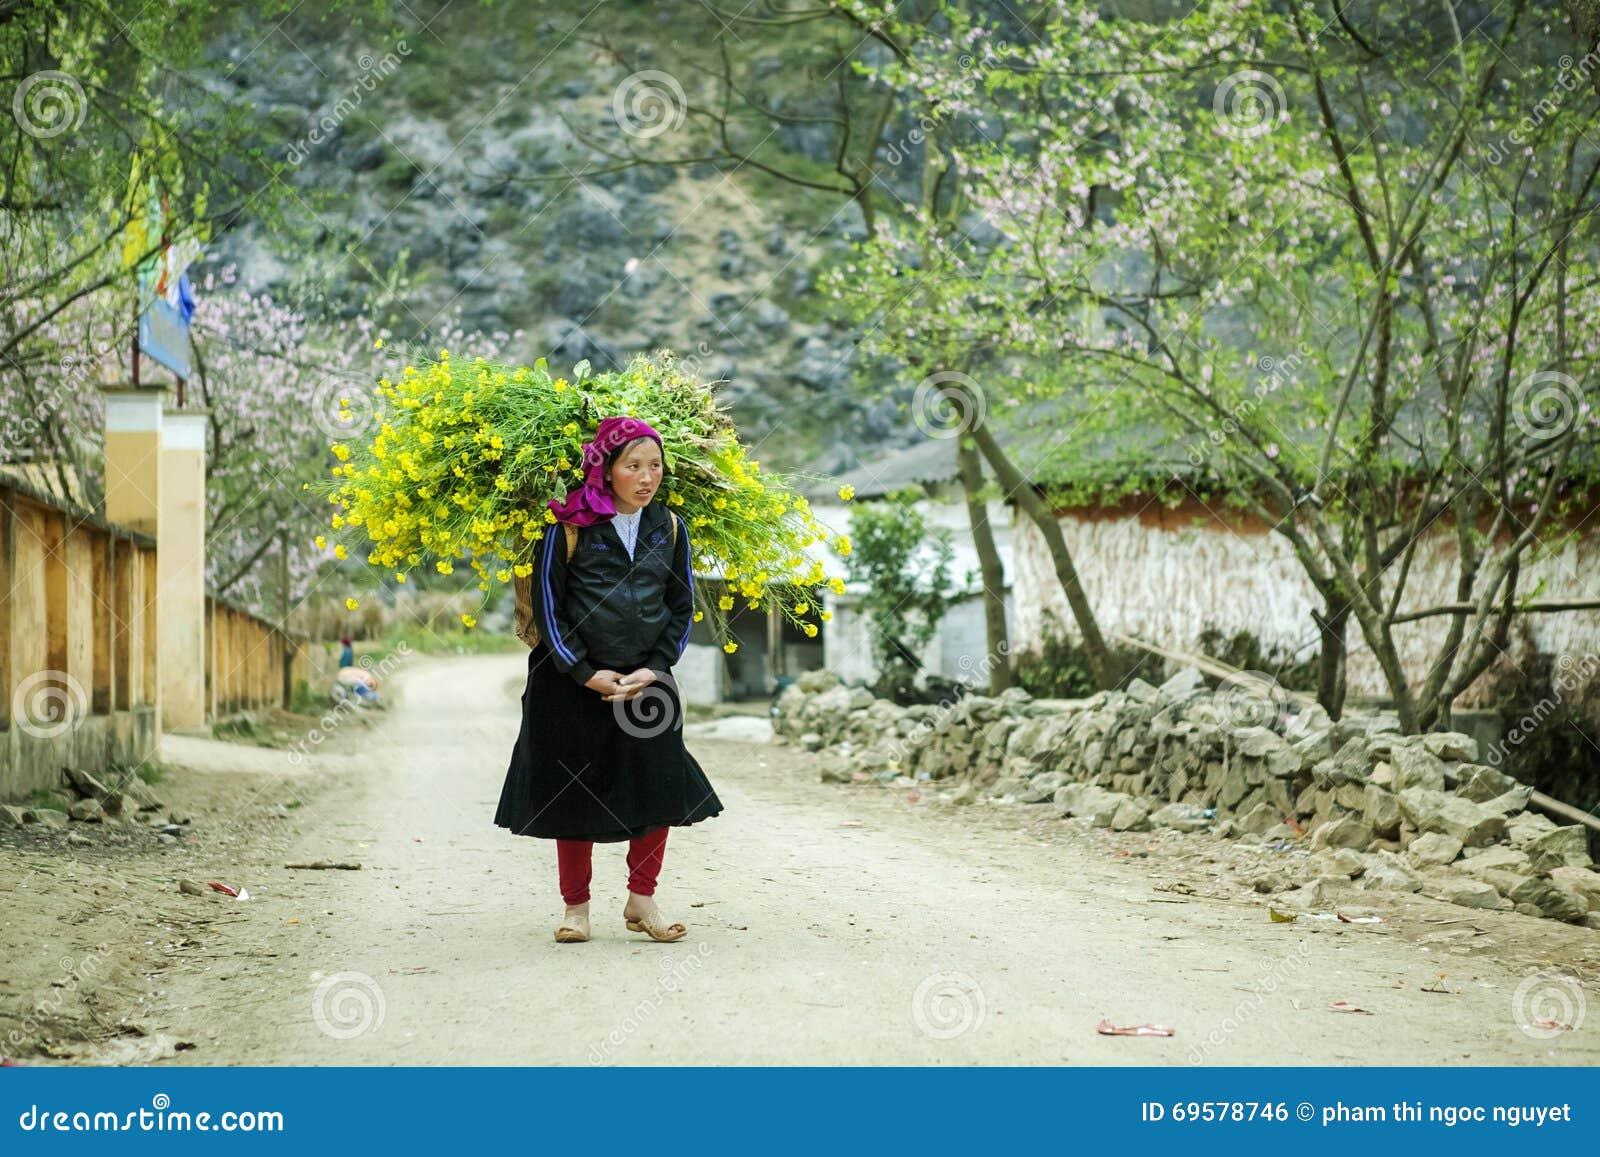 Ethnic minority woman working